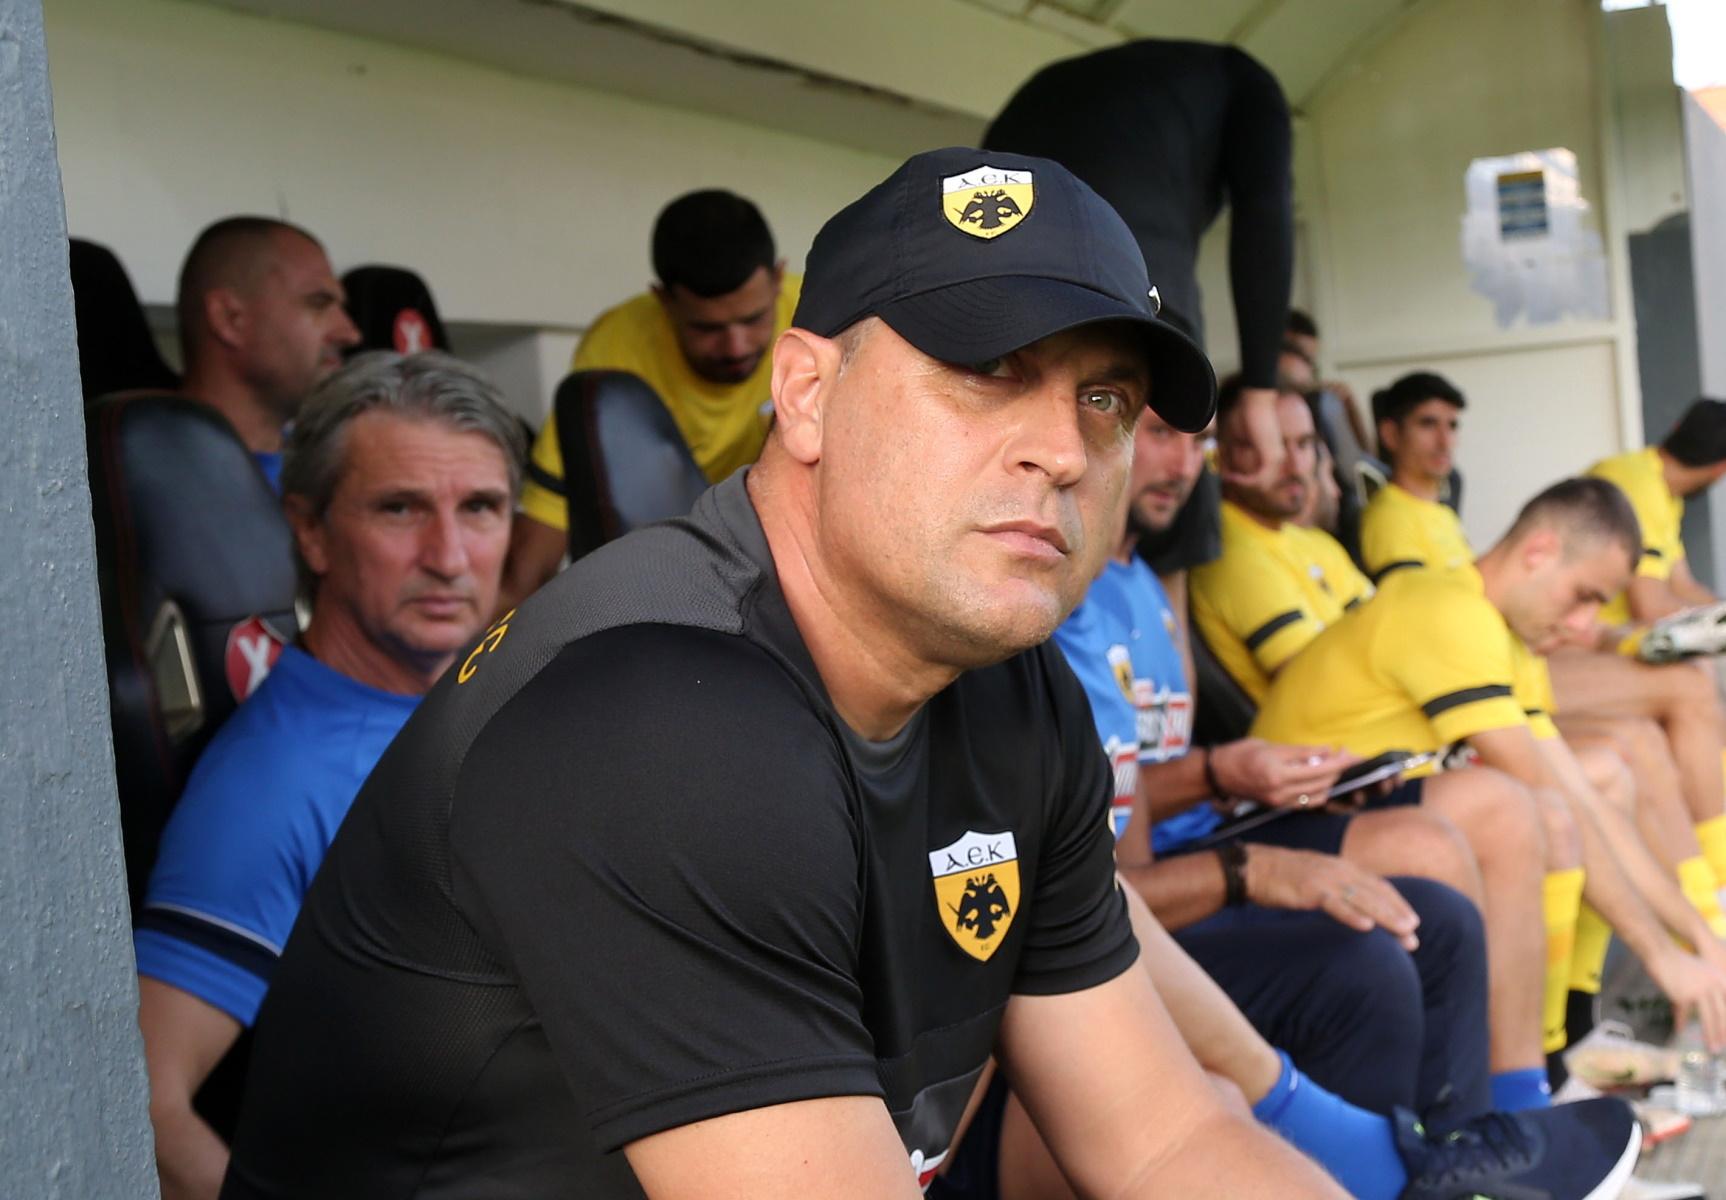 ΑΕΚ – Μιλόγεβιτς: «Έπαιξε ρόλο η φάση του φάουλ με ΟΦΗ, δεν ψάχνω δικαιολογίες»